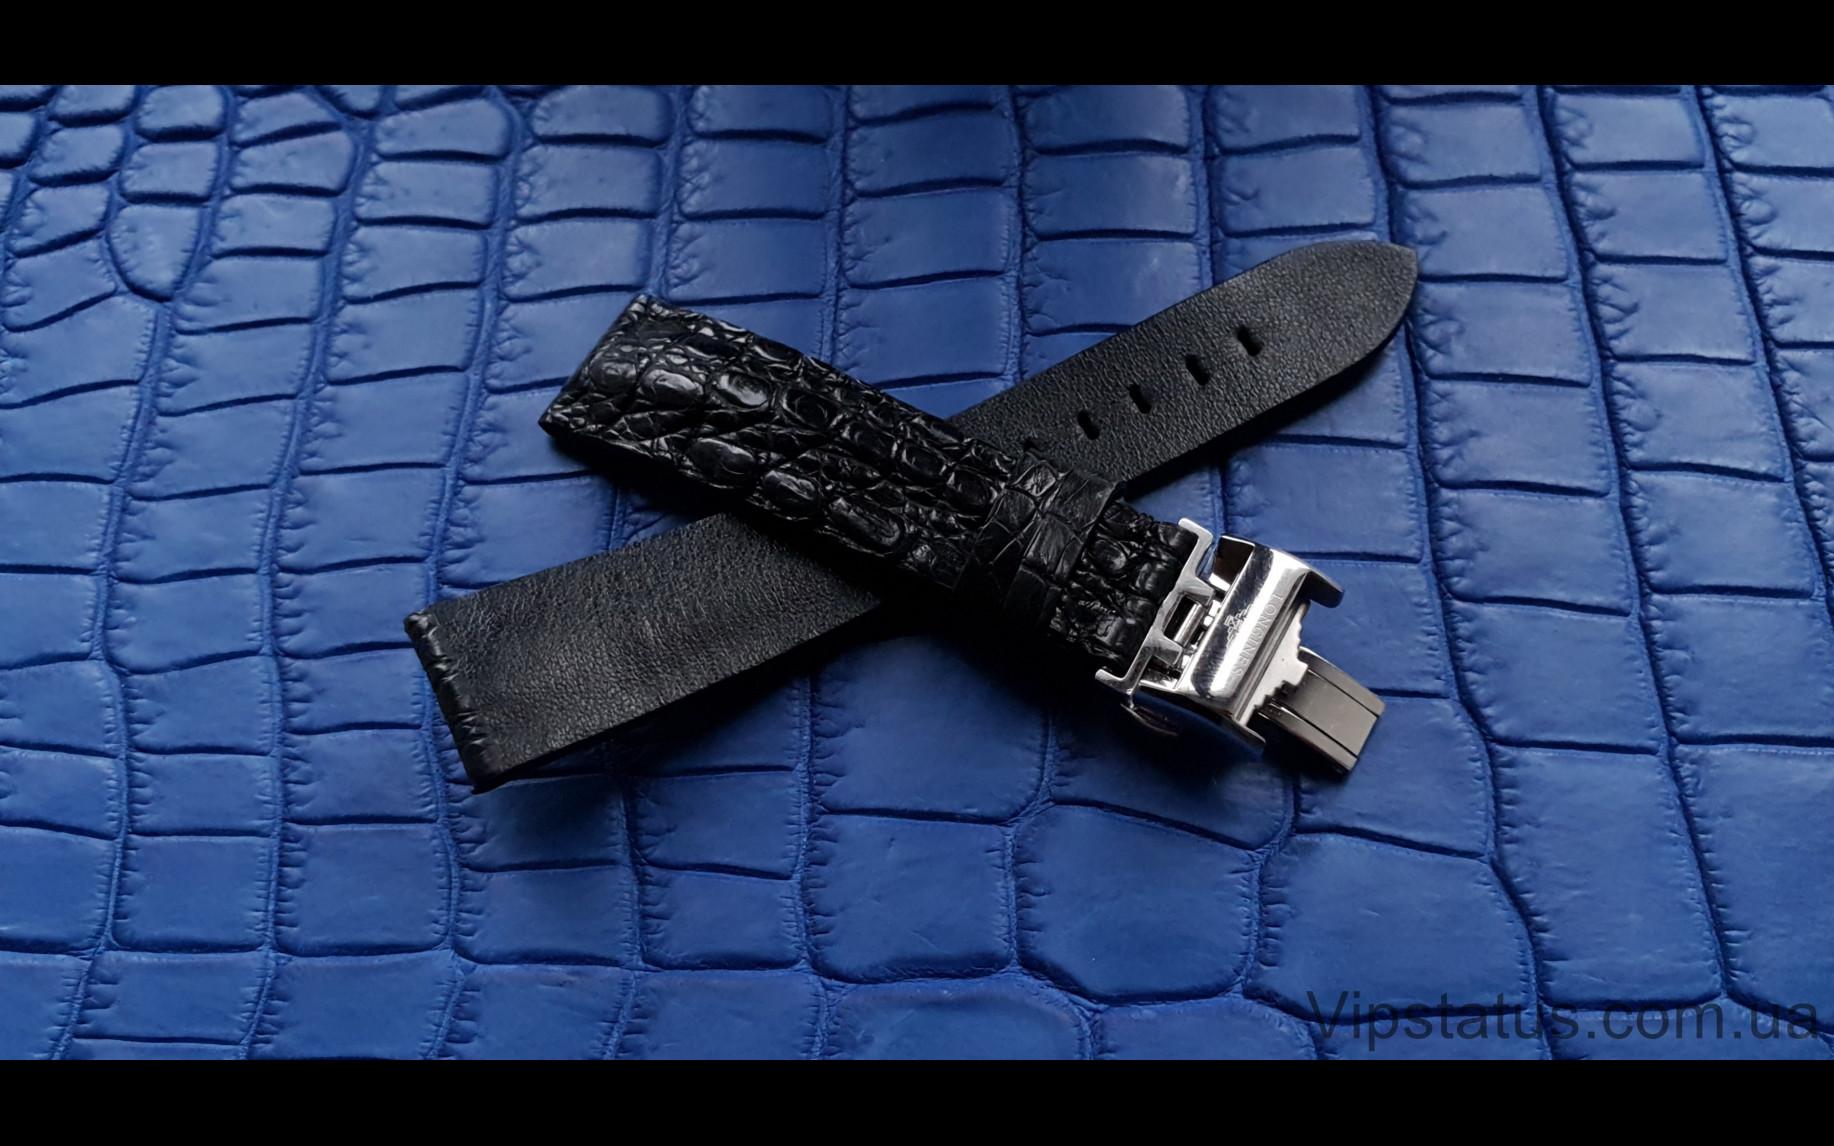 Elite Лакшери ремешок для часов Longines кожа крокодила Luxury Crocodile Strap for Longines watches image 3